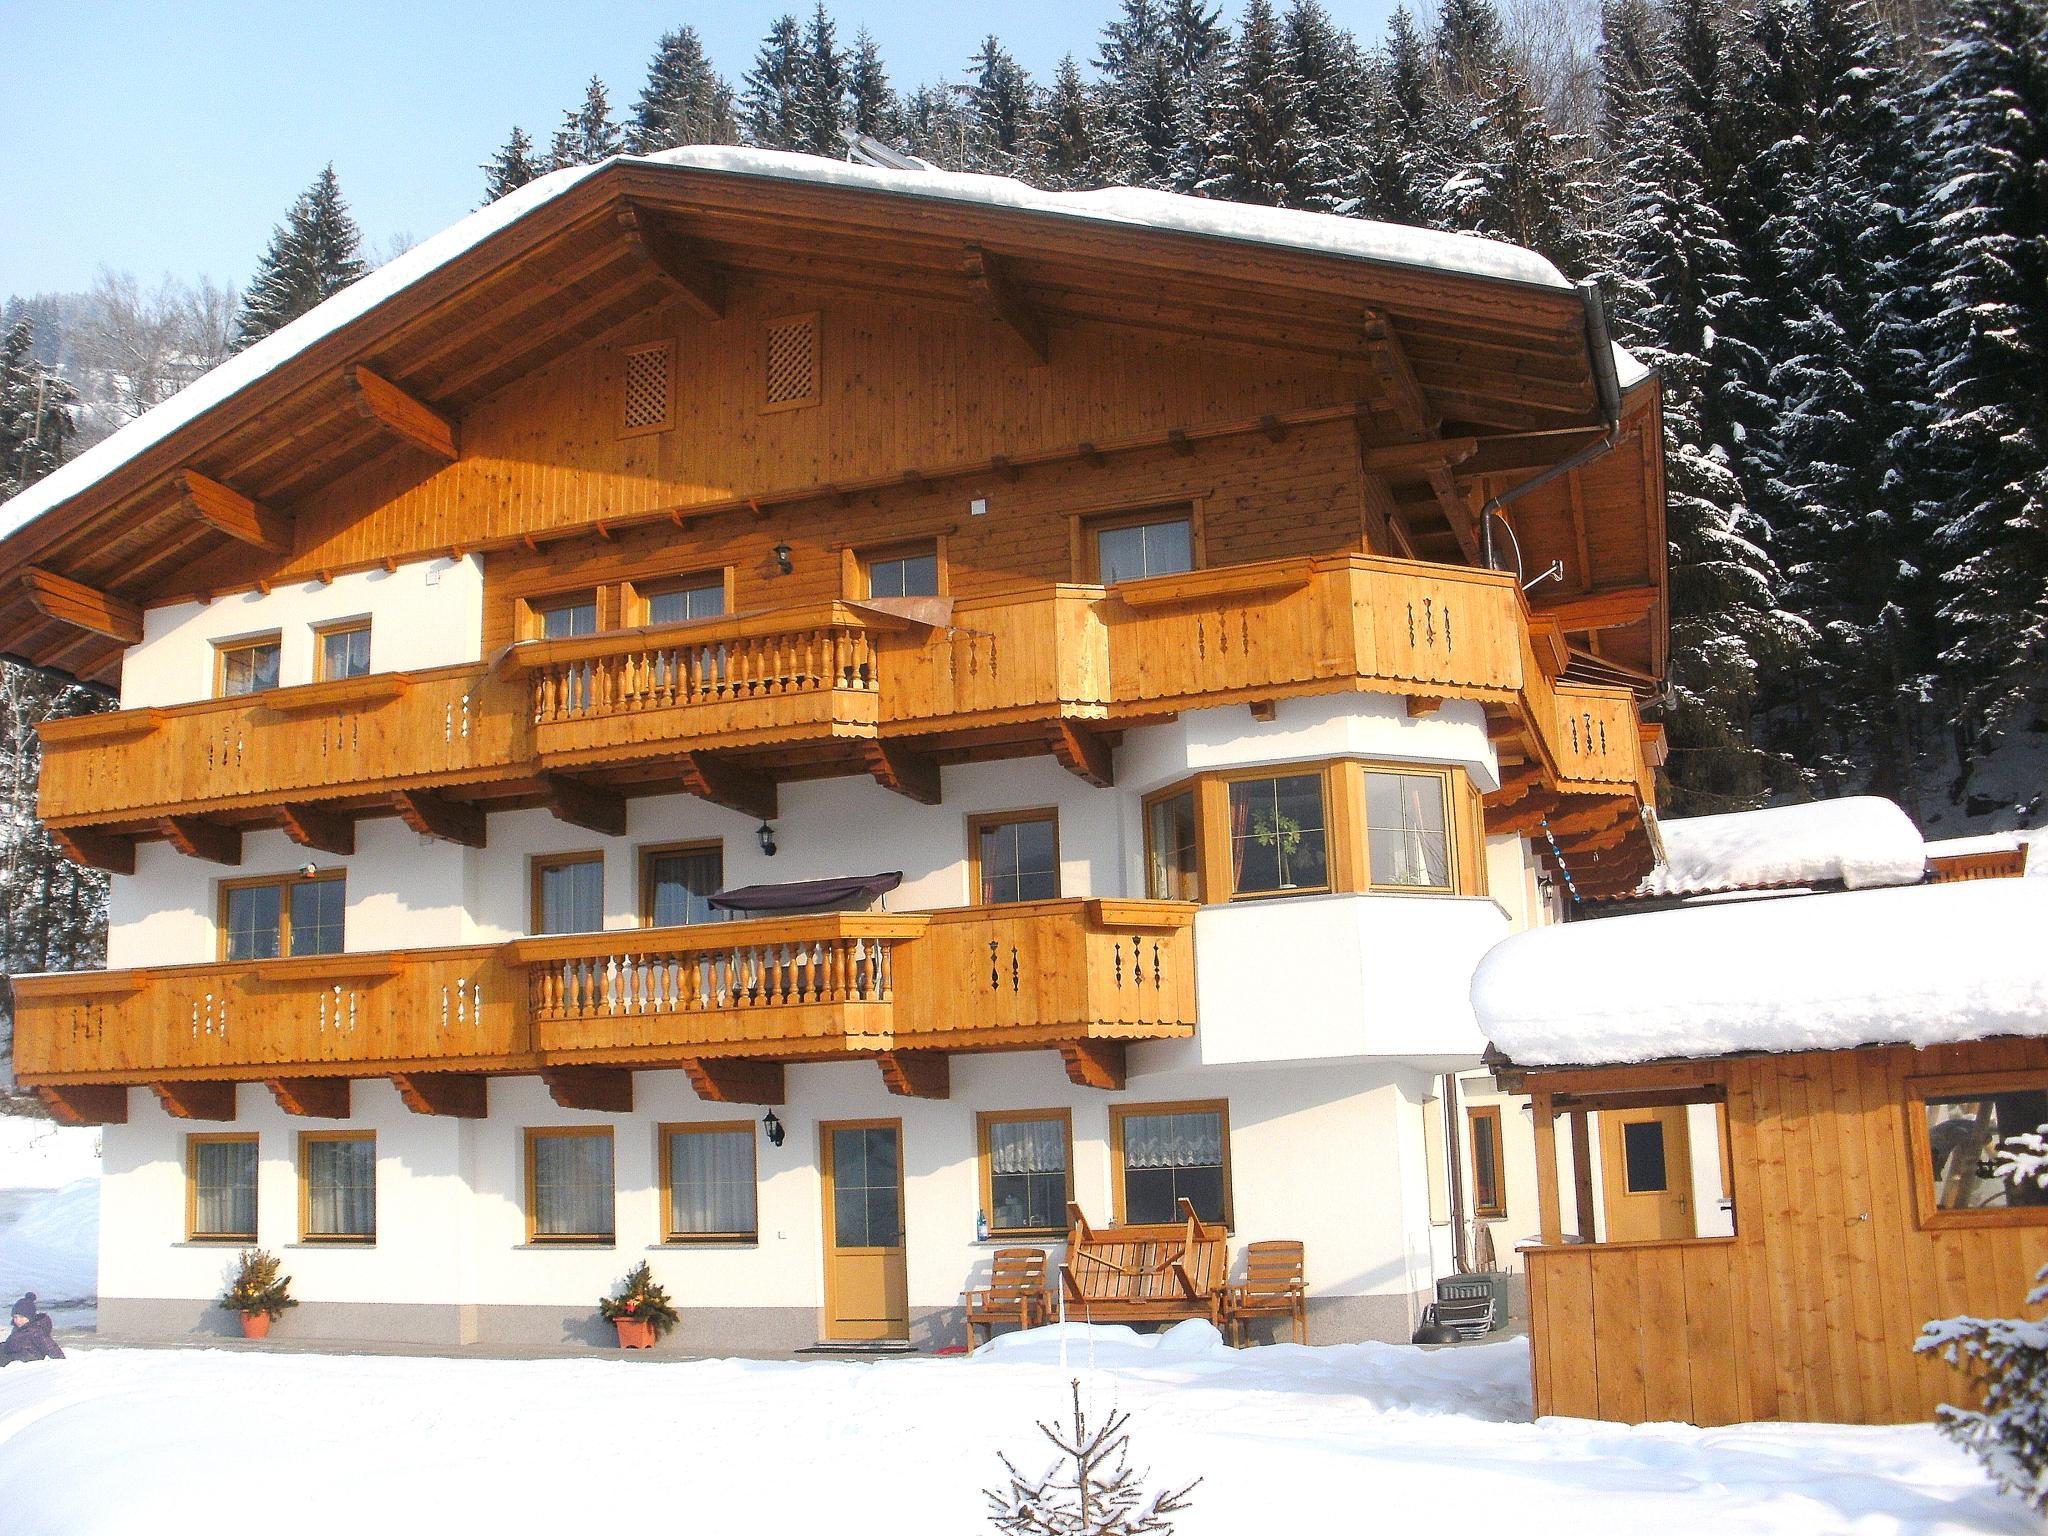 Ferienhaus Brandacher III Tirol